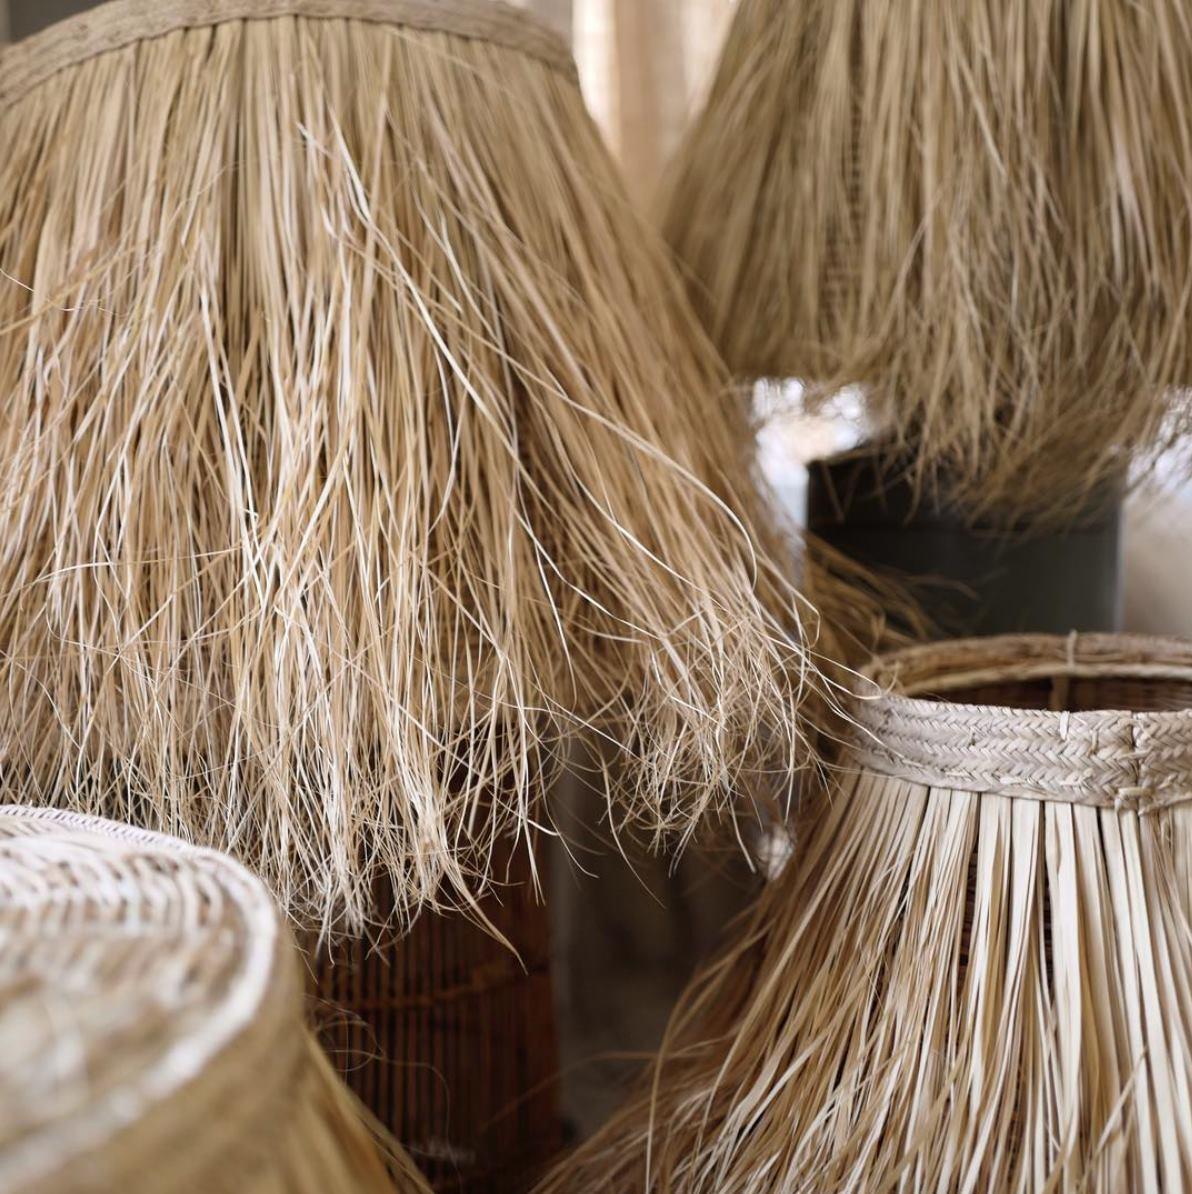 the palmist club in fioreria - la Fioreria è lieta di ospitare per la prima volta in esclusiva il Club Lumière lampshades, un progetto a cura di Clementina Calleri per The Palmist Club.Le lampade sono realizzate a mano da Clementina ed artigiani in Kenya e i proventi ricavati dalle vendite saranno alla Fondazione Calleri a Wamba, Kenya, che si occupa della scolarizzazione di comunità di bambini e ad un'altra scuola di artigianato a Malindi.Sarà possibile acquistare le lampade ed altre piccole produzioni artigianali di The Palmist Club fino al 31 Luglio.Cittadina dei piccoli villaggi dell'artigianato, Clementina Calleri è laureata in Antropologia tribale e foto giornalismo a Londra. Passando dal vivere nella regione Samburu County in Kenya alla Peninsula dello Yucatán, crea la sua prima collezione di oggetti per la casa ed il viaggio per Coqui Coqui, magici Resorts e Perfumeria. Predilezione al digitale, collabora in seguito per la creazione del sito online The Invisible Collection per poi raggiungere il team di Federico Marchetti nel gruppo YOOX Net-a-porter a Milano.